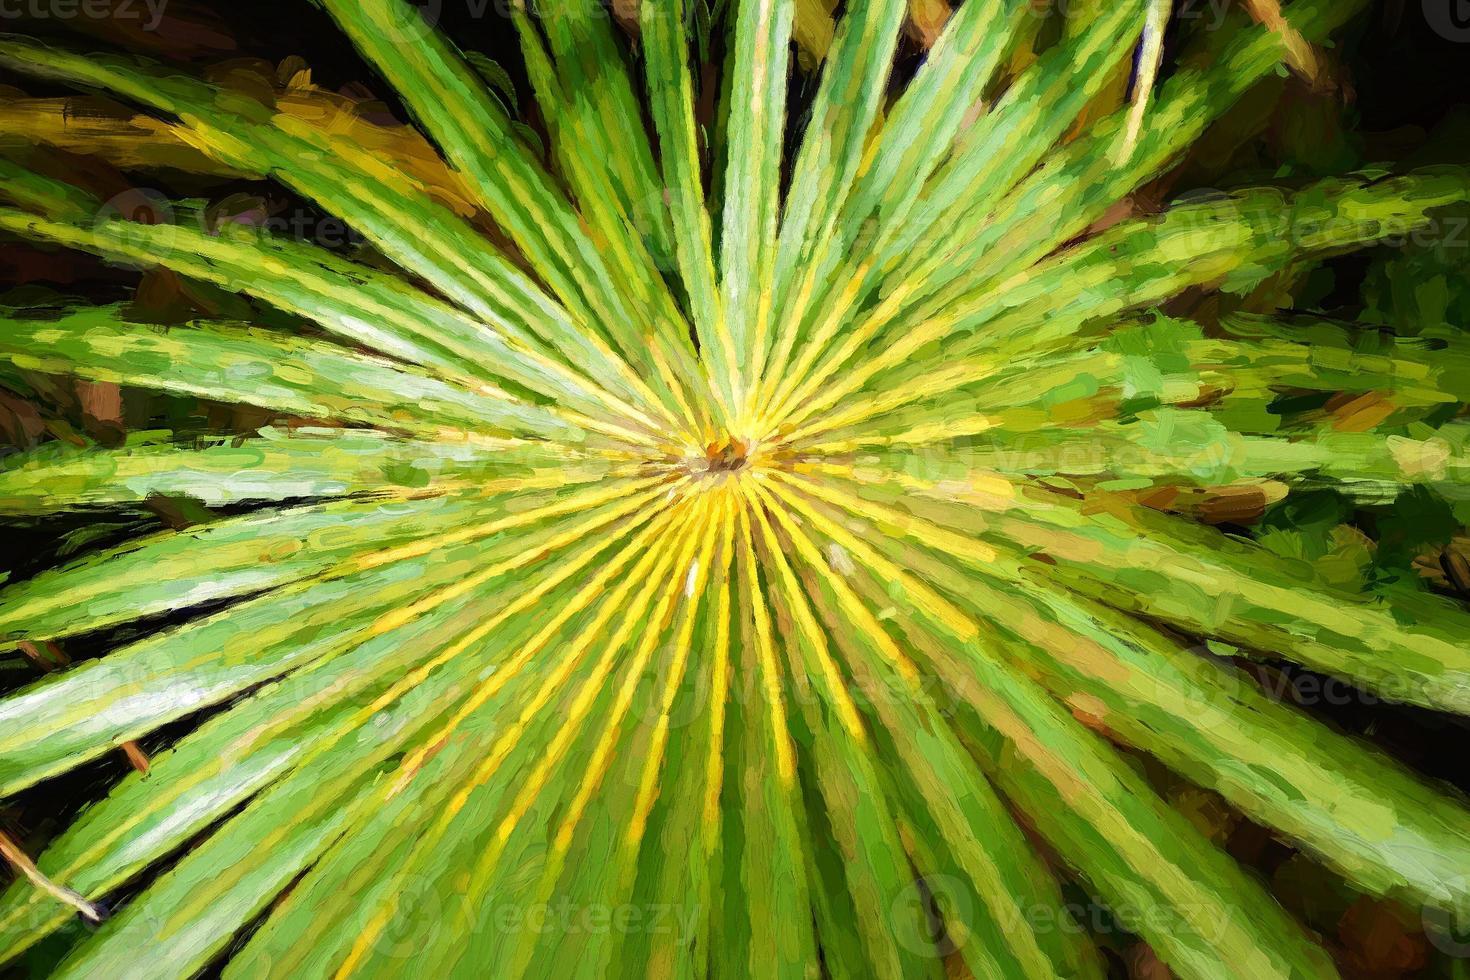 arte digitale, natura tropicale astratta: foglia di palma verde esotica foto